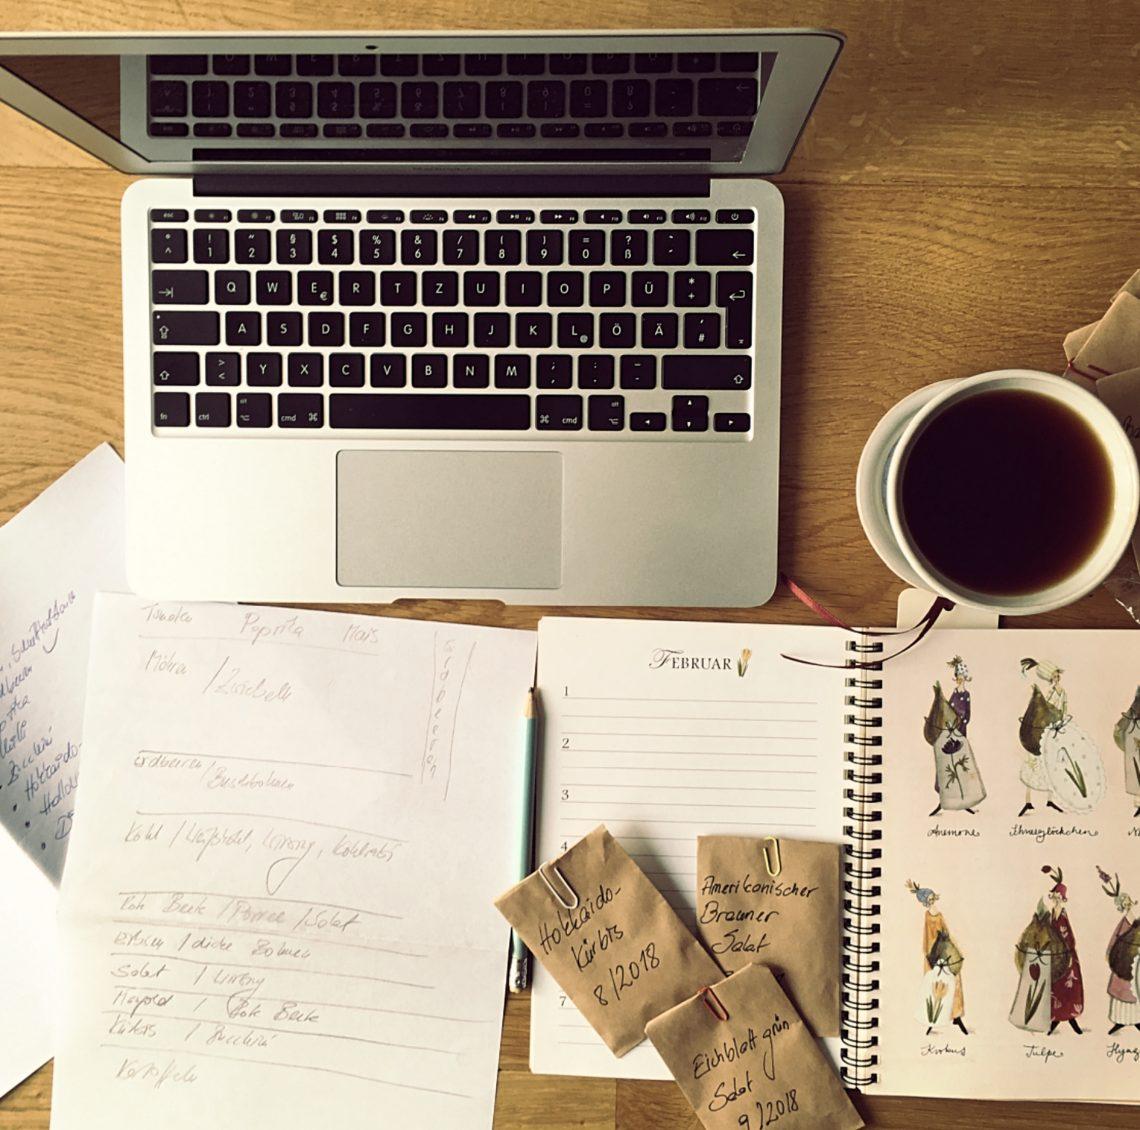 Schreibtisch mit Laptop, Samentütchen, Gartentagebuch, Notizen und Kaffee - so beginnt meine Gartennplanung.